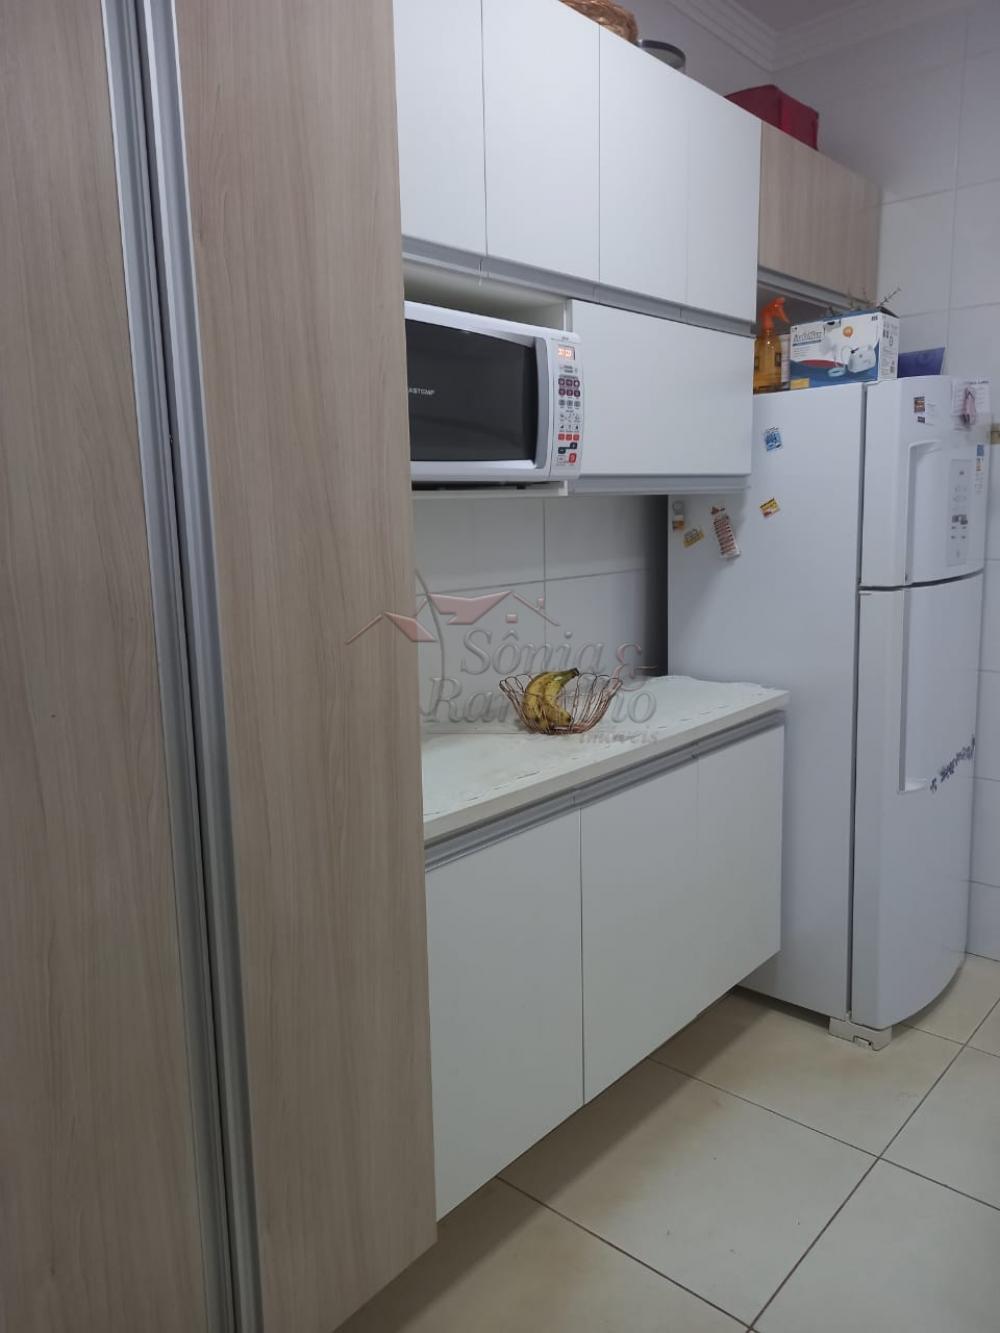 Comprar Apartamentos / Padrão em Ribeirão Preto R$ 225.000,00 - Foto 8